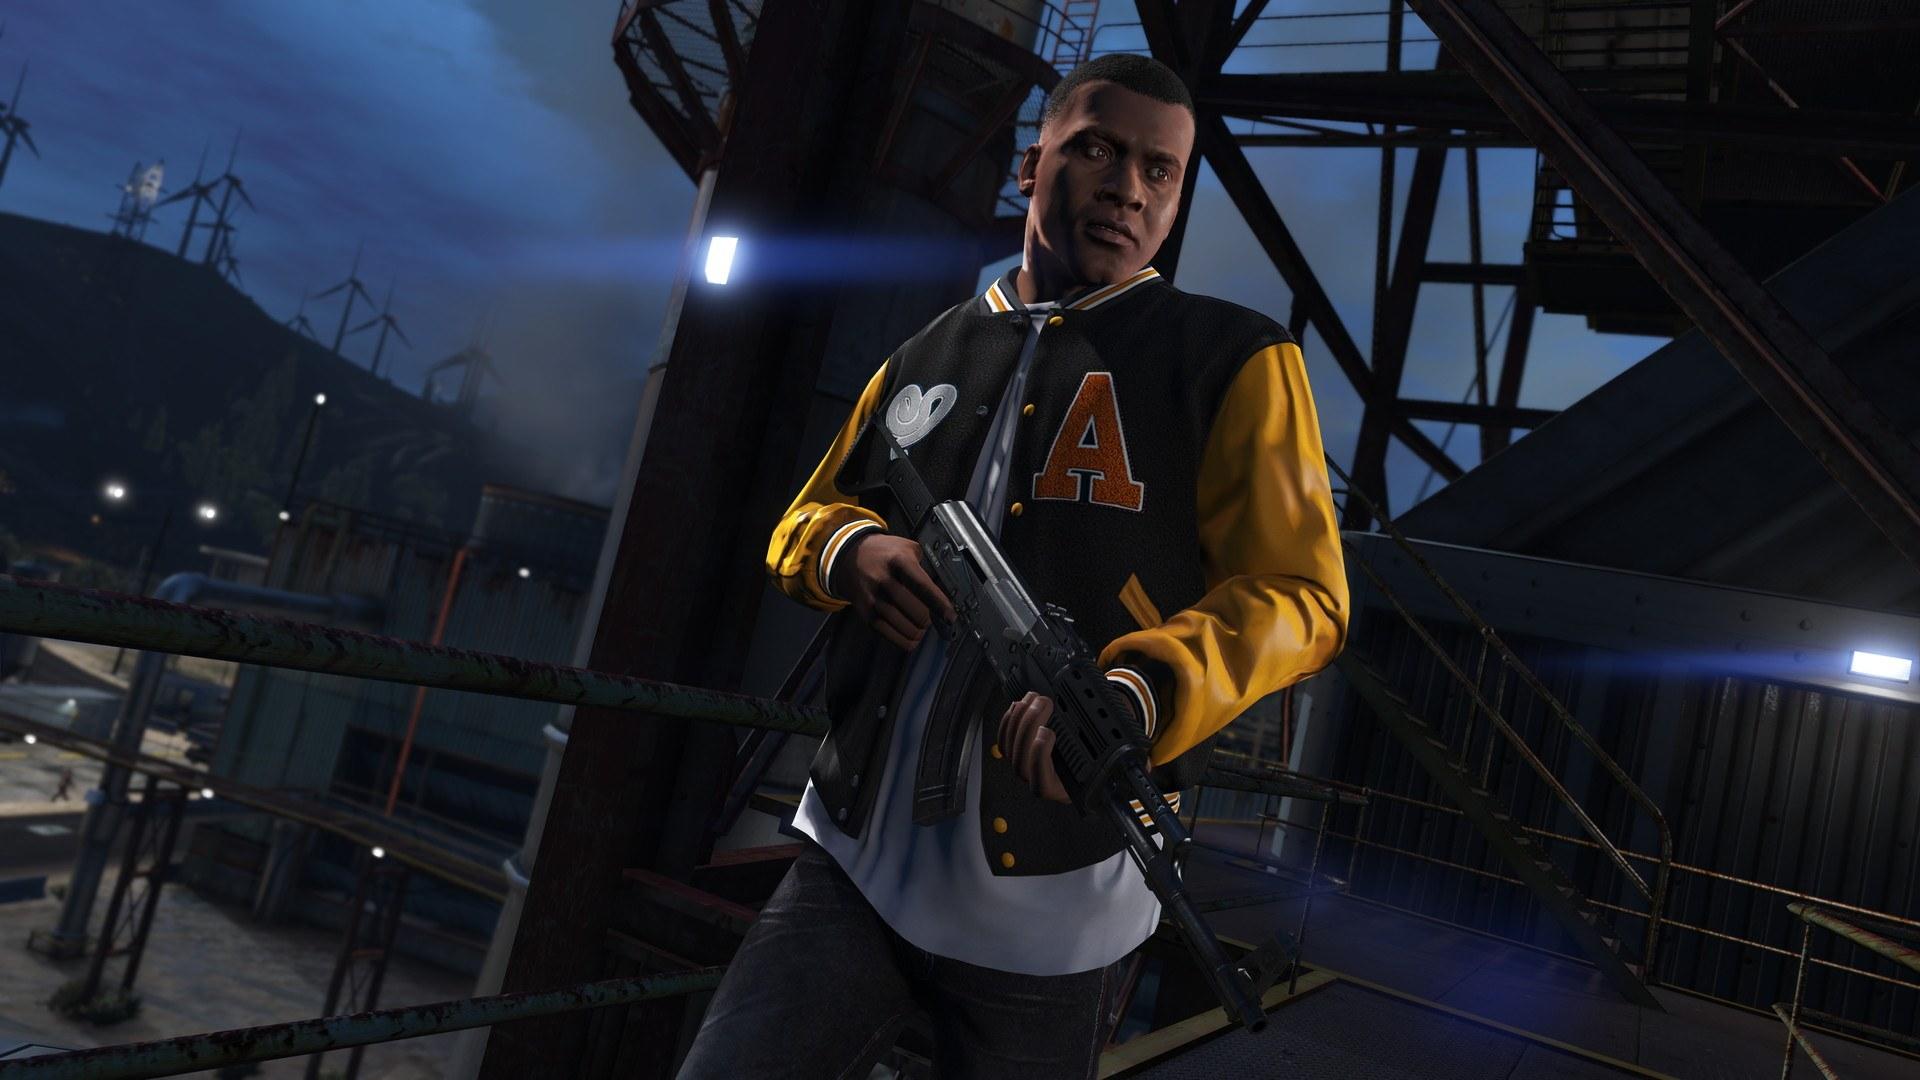 Grand Theft Auto V image #2